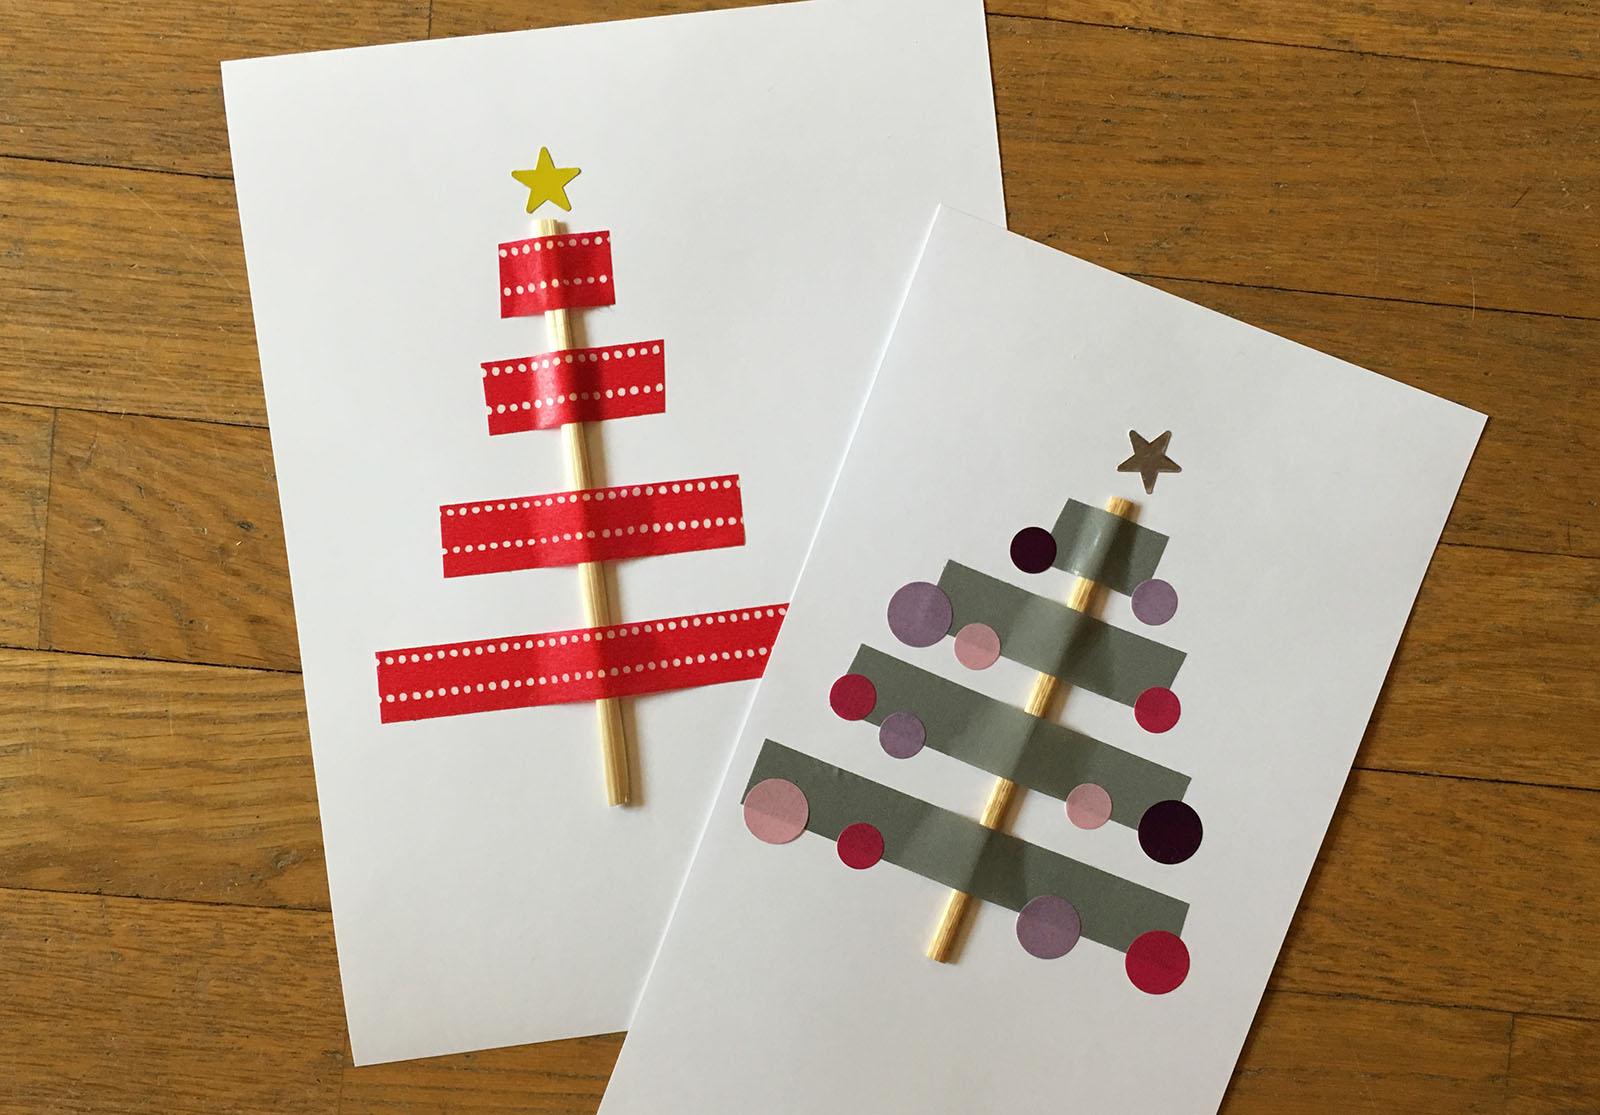 Activité Manuelle : La Carte Sapin De Noël - Family Sphere encequiconcerne Activités Manuelles Enfants Noel